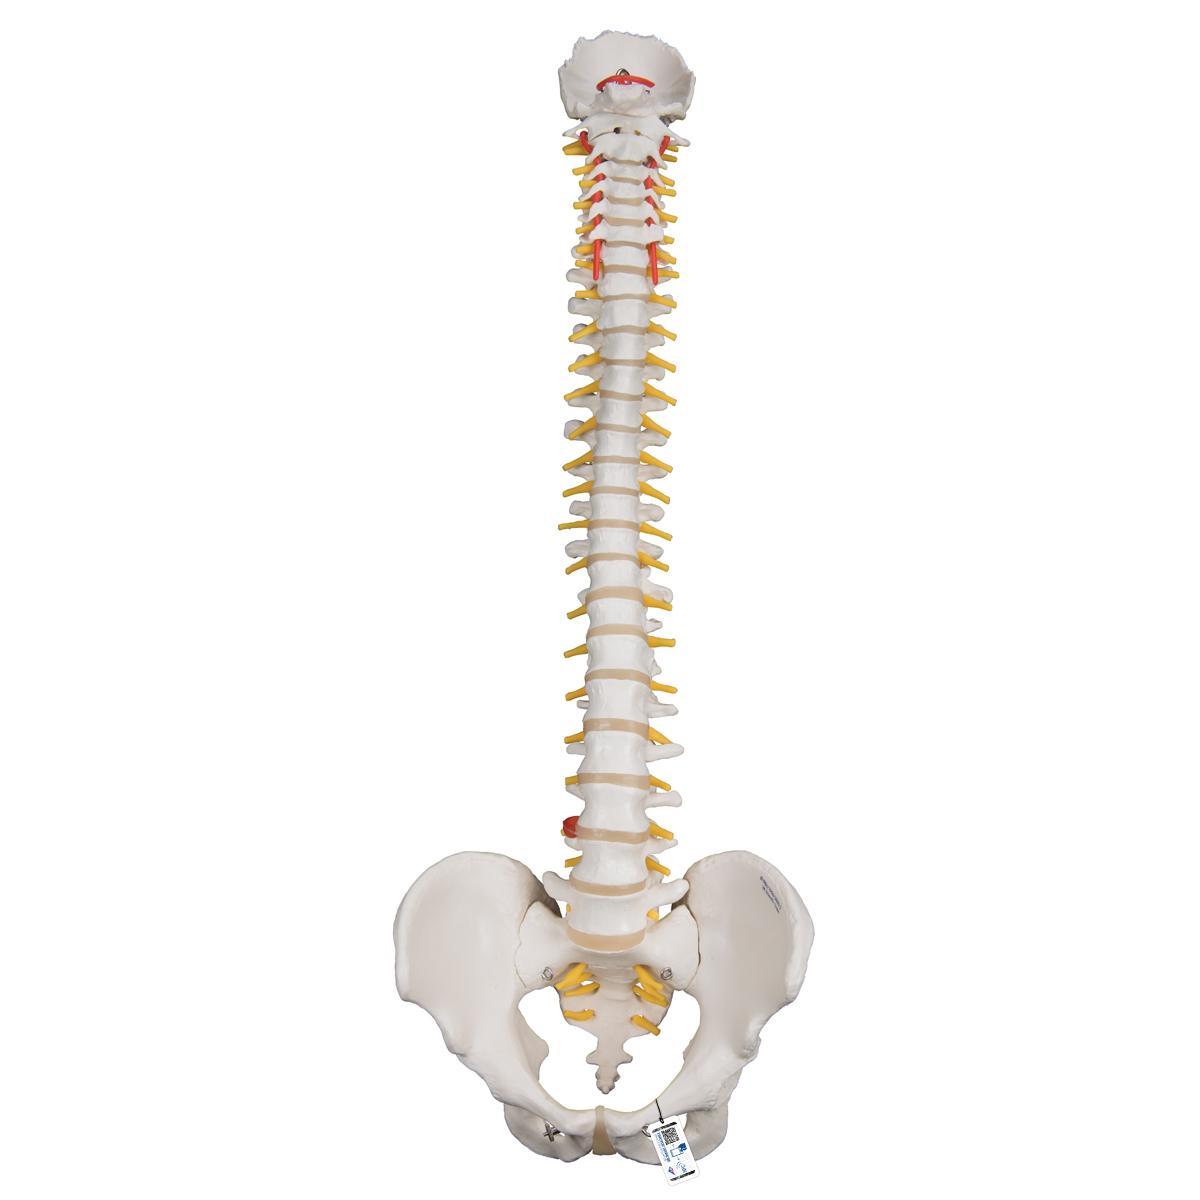 Flexible Wirbelsäule für starke Beanspruchung - 1000130 - A59/1 ...